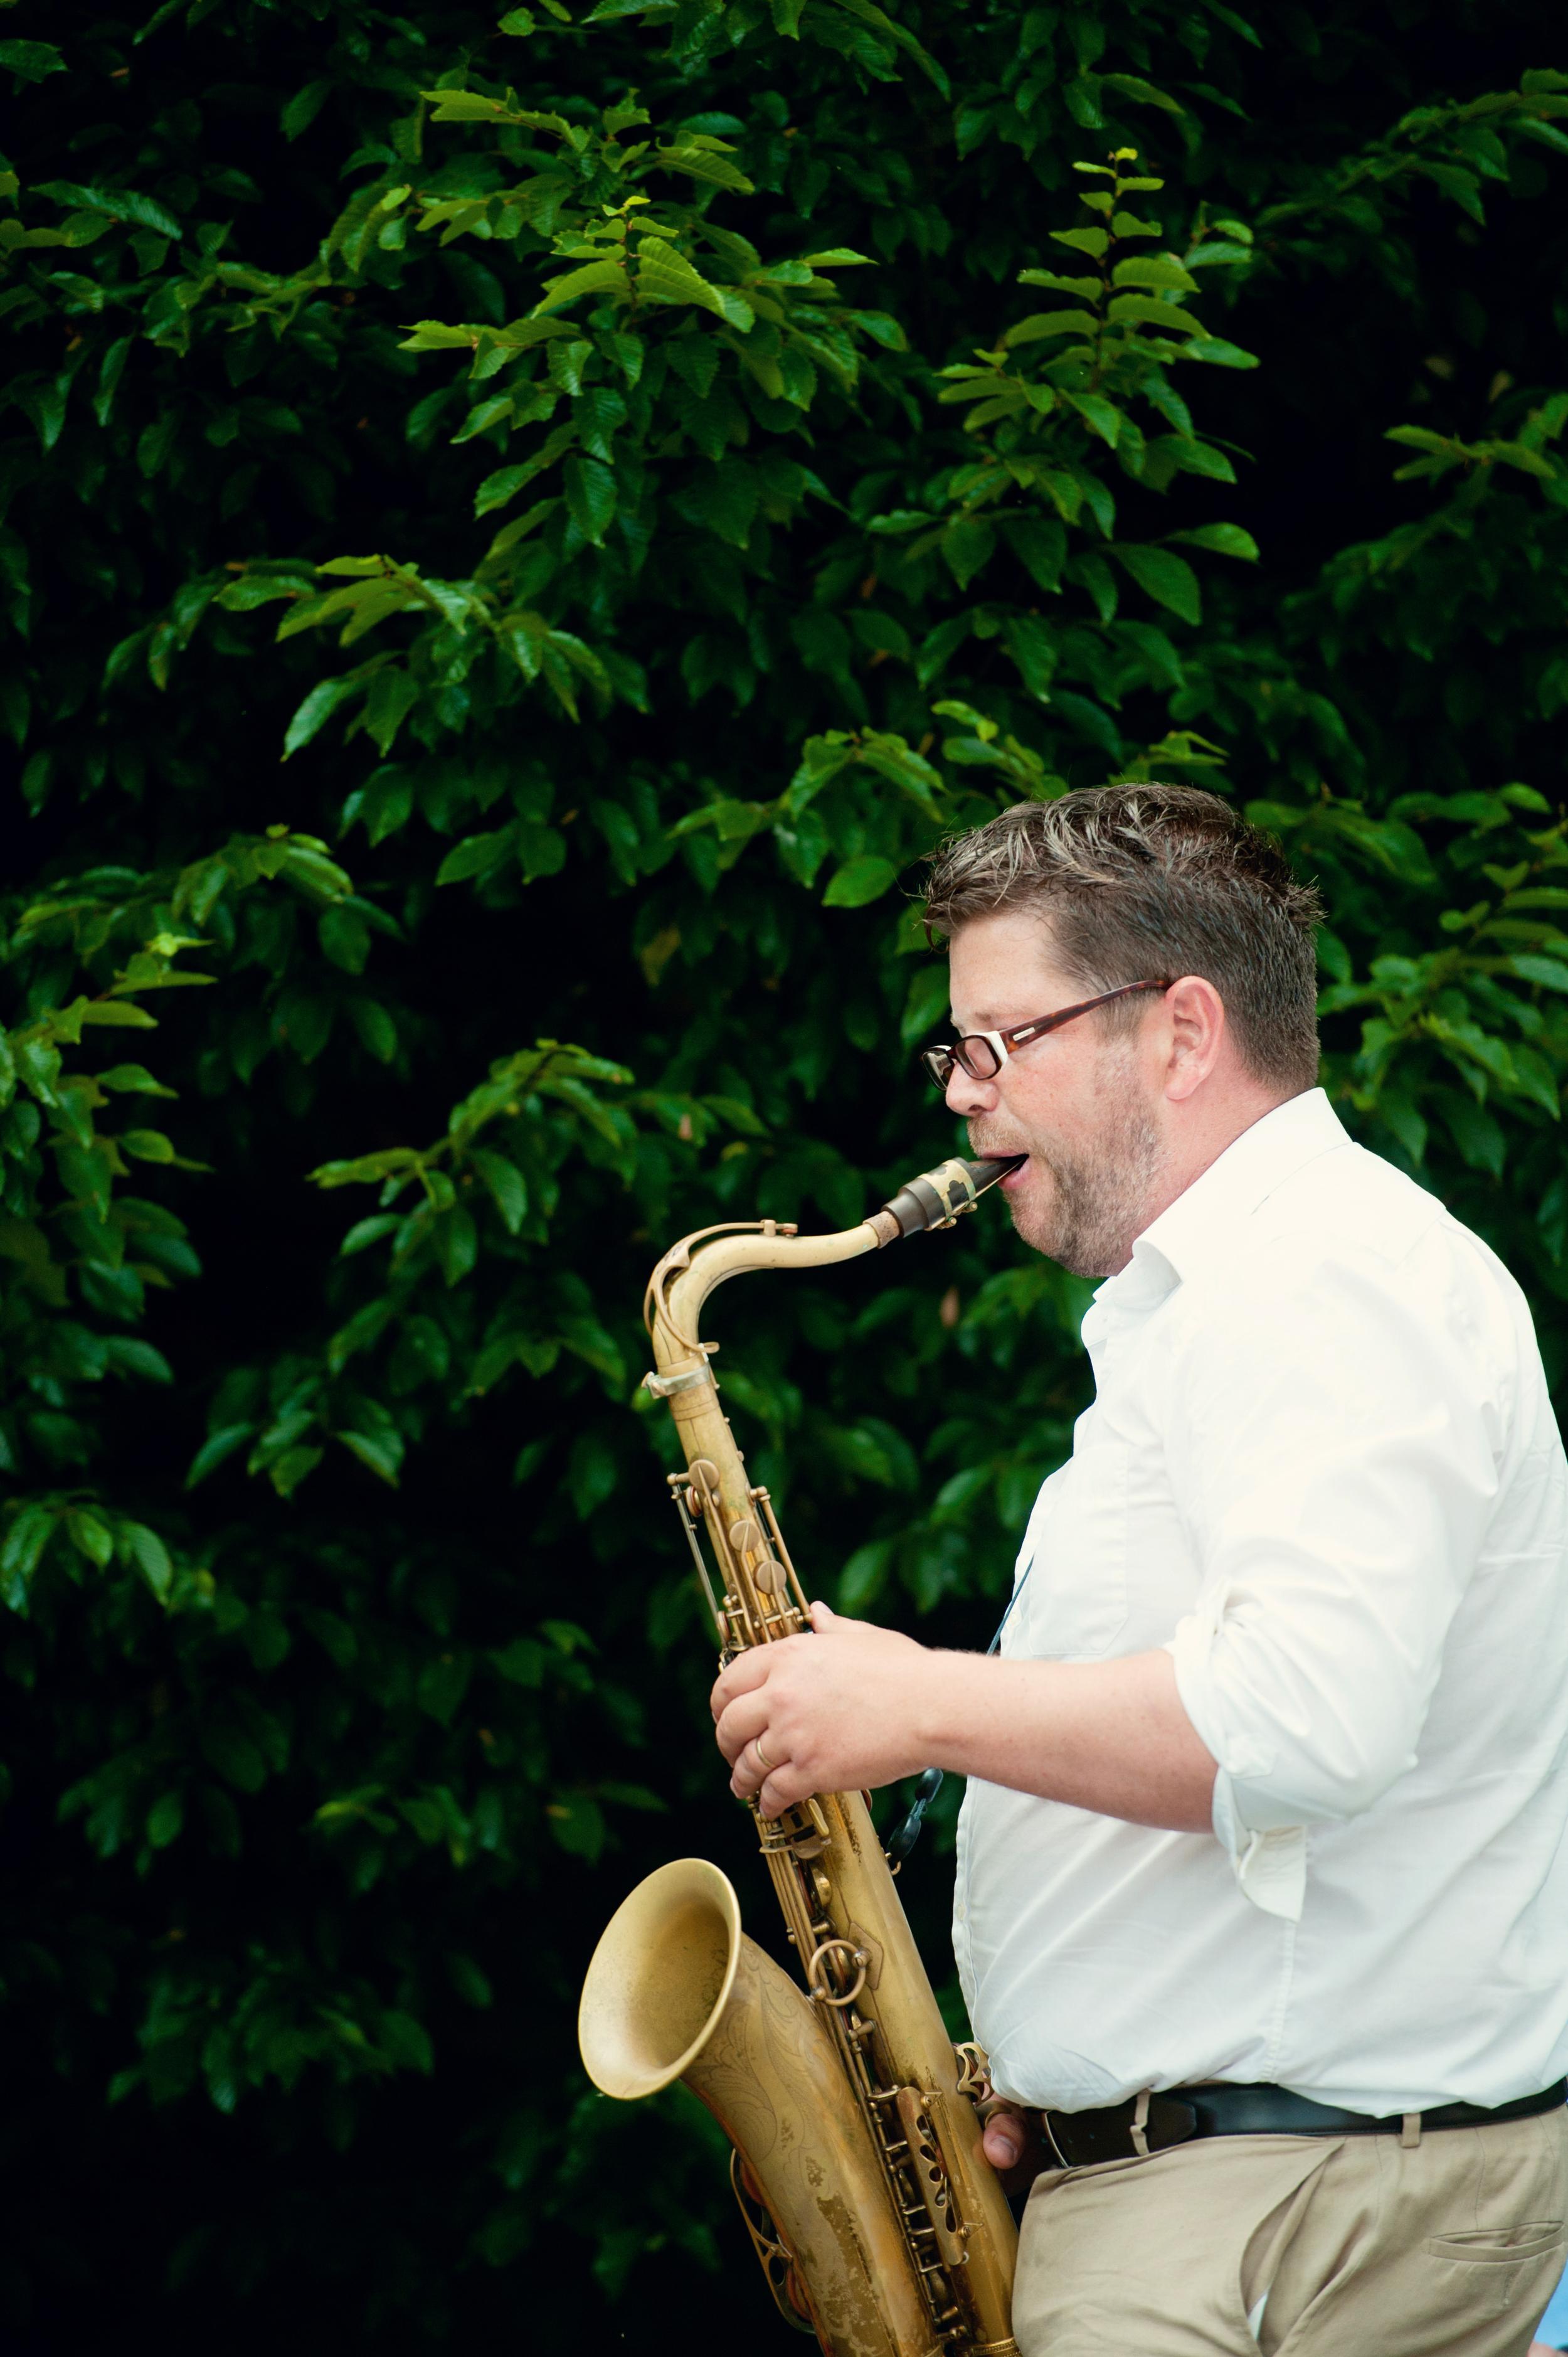 Kilshane House - Wedding Photography Ireland - saxophone player.JPG